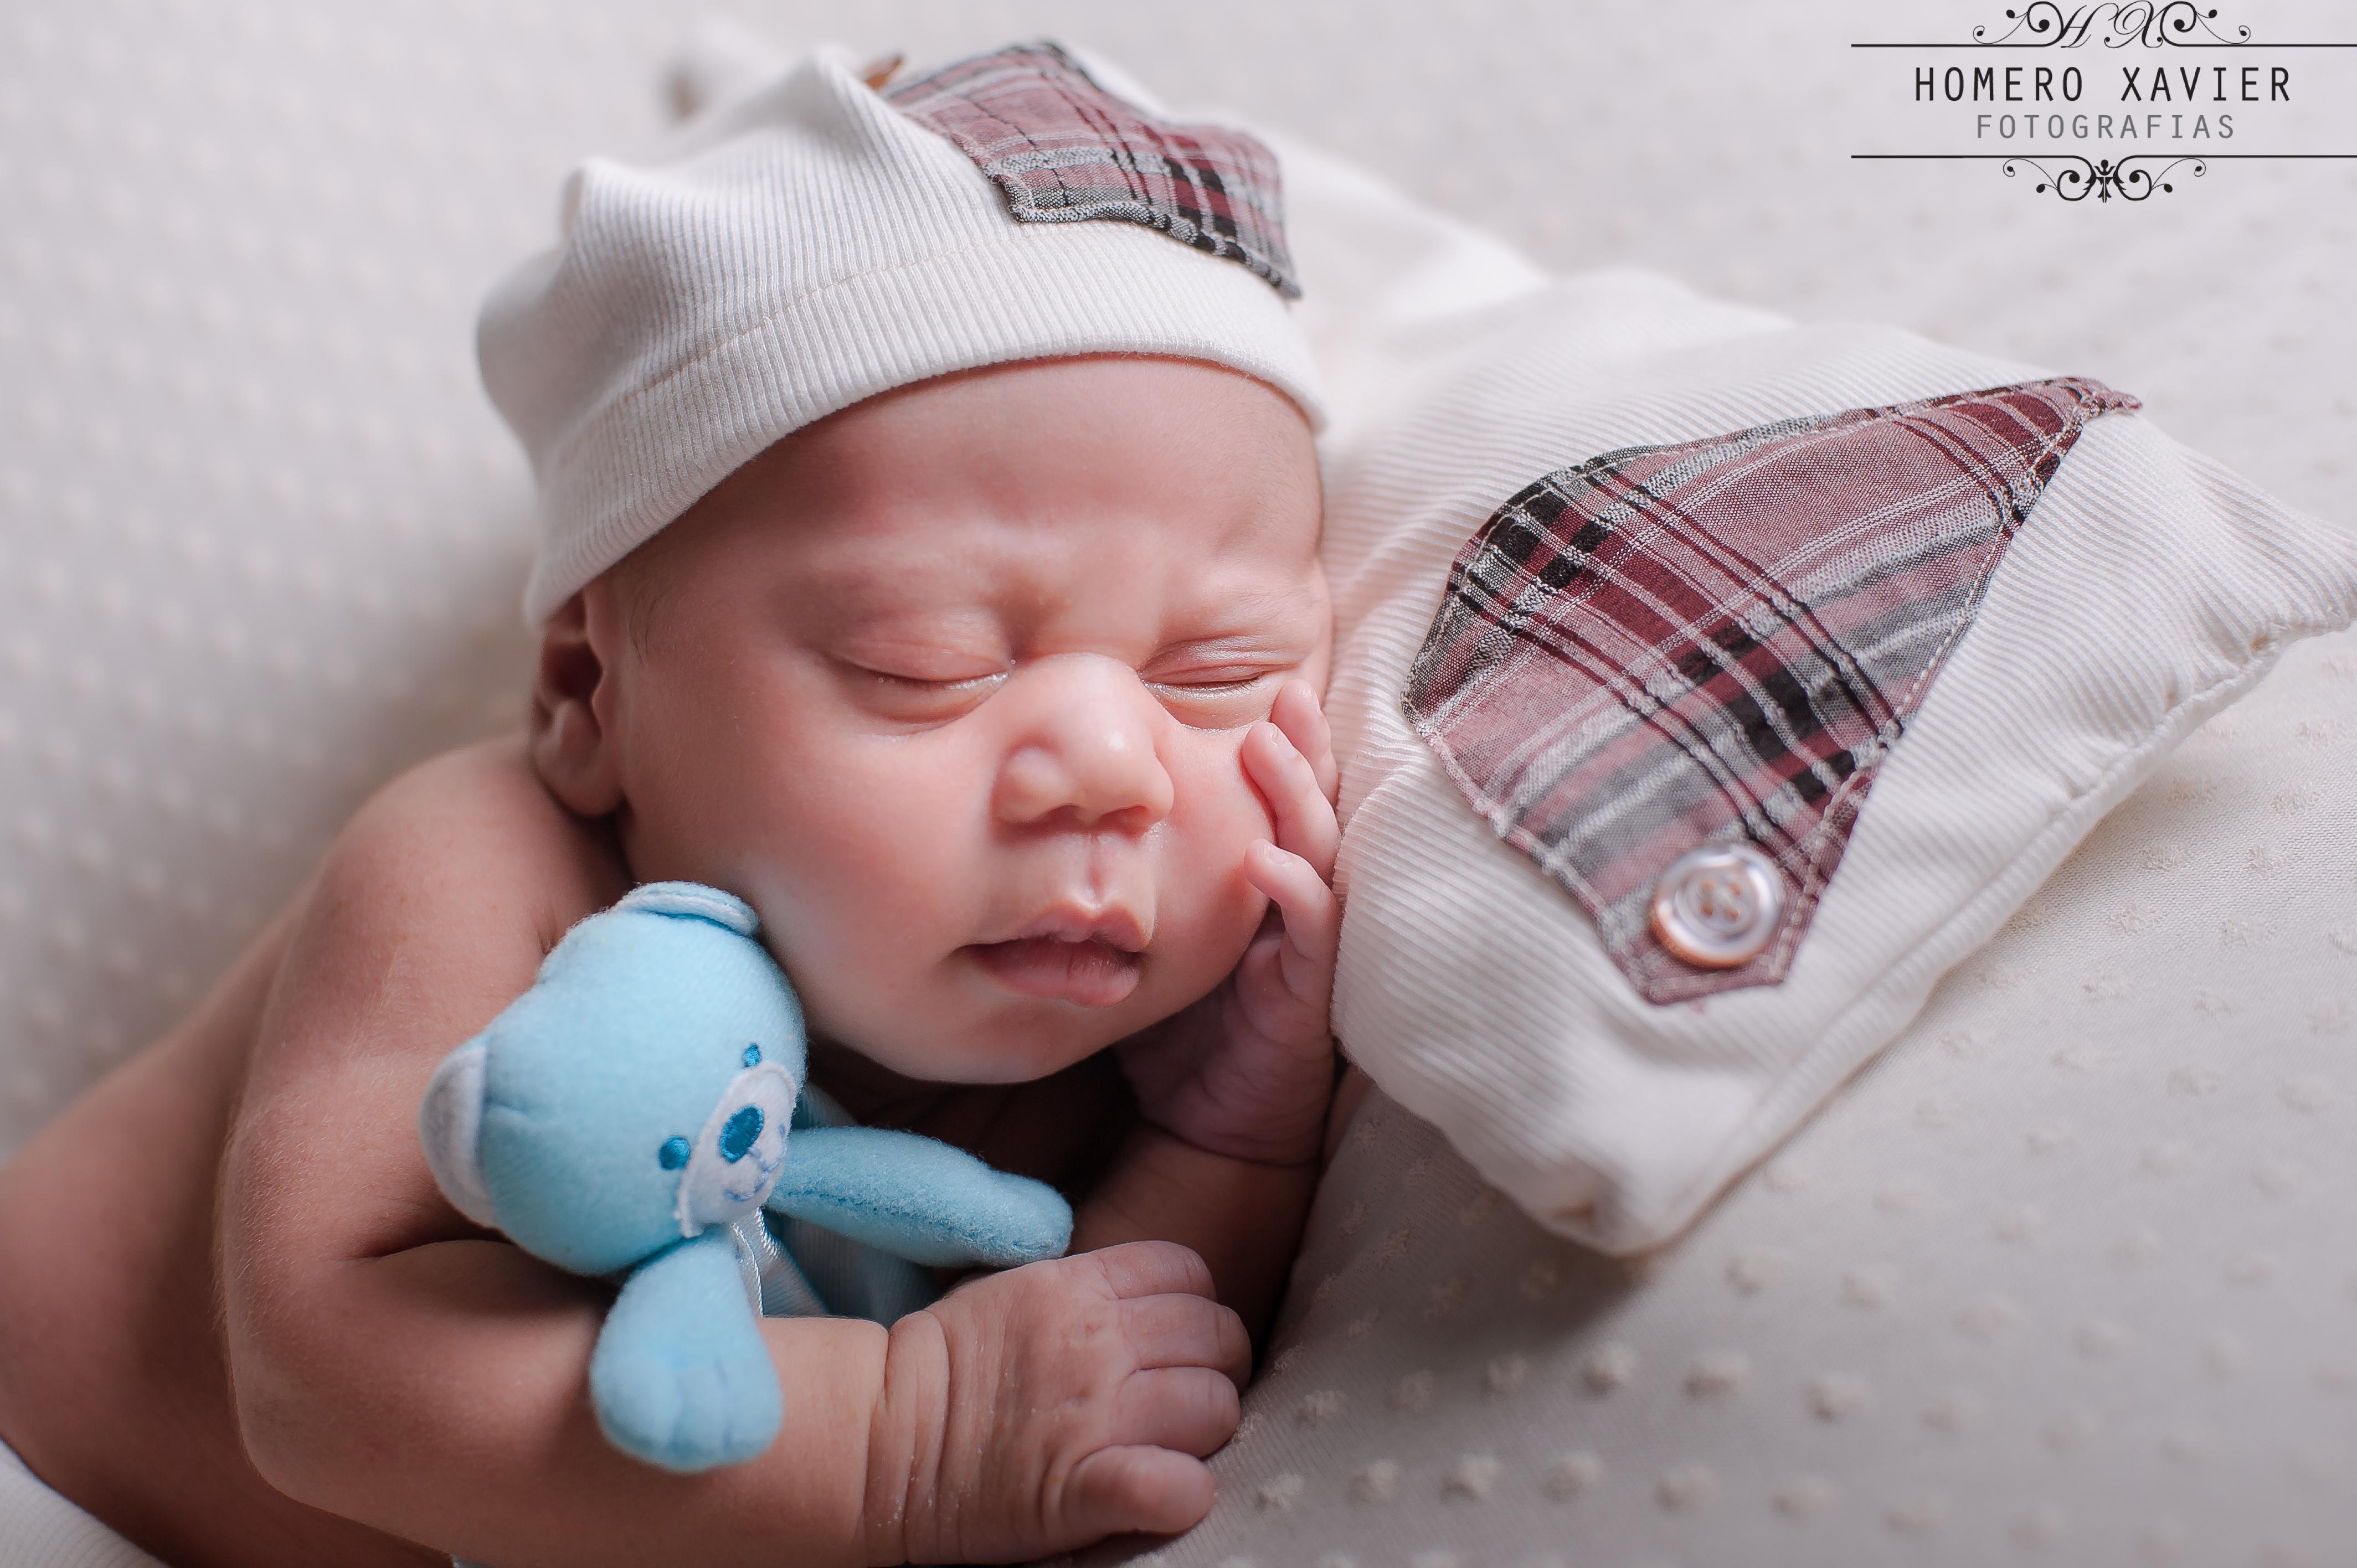 Fotografia book newborn em studio em Belo Horizonte